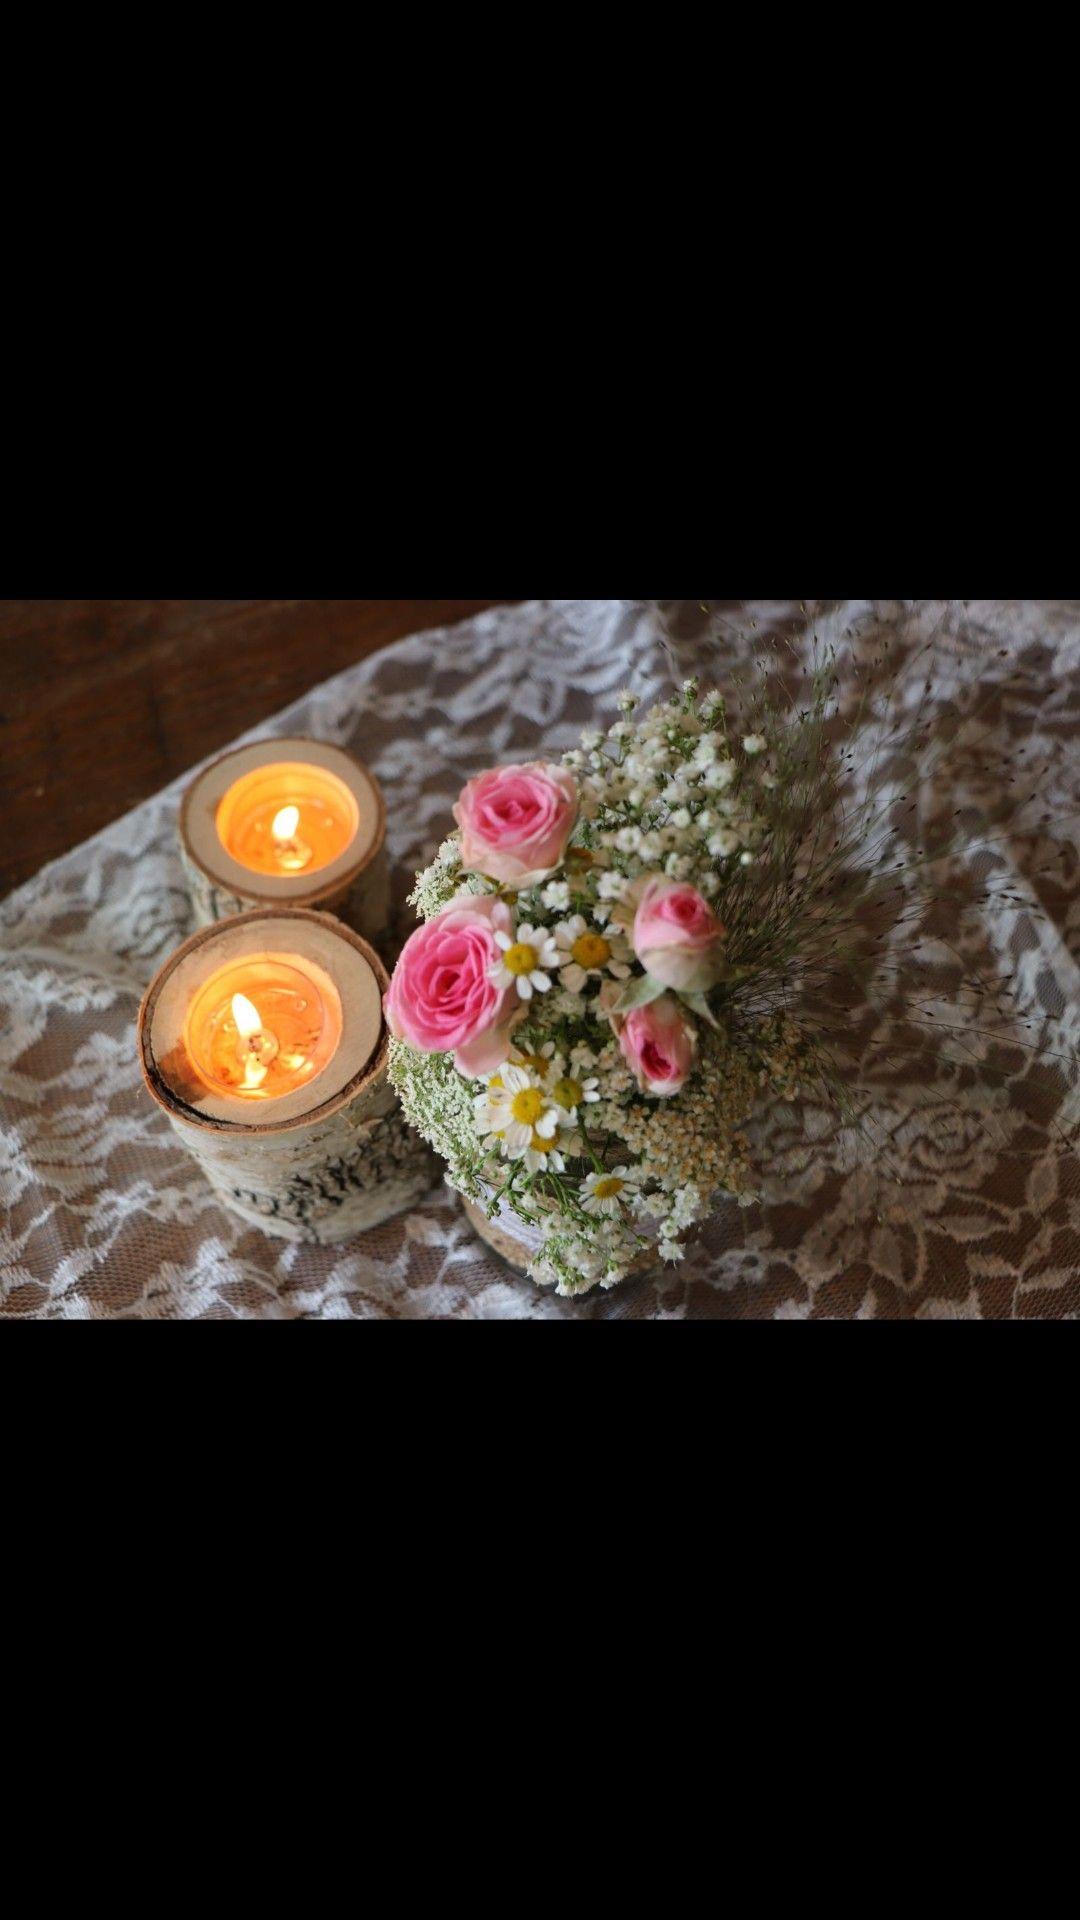 Blumen Tischdeko Taufe Madchen Hochzeit Kerzen Taufe Pinterest